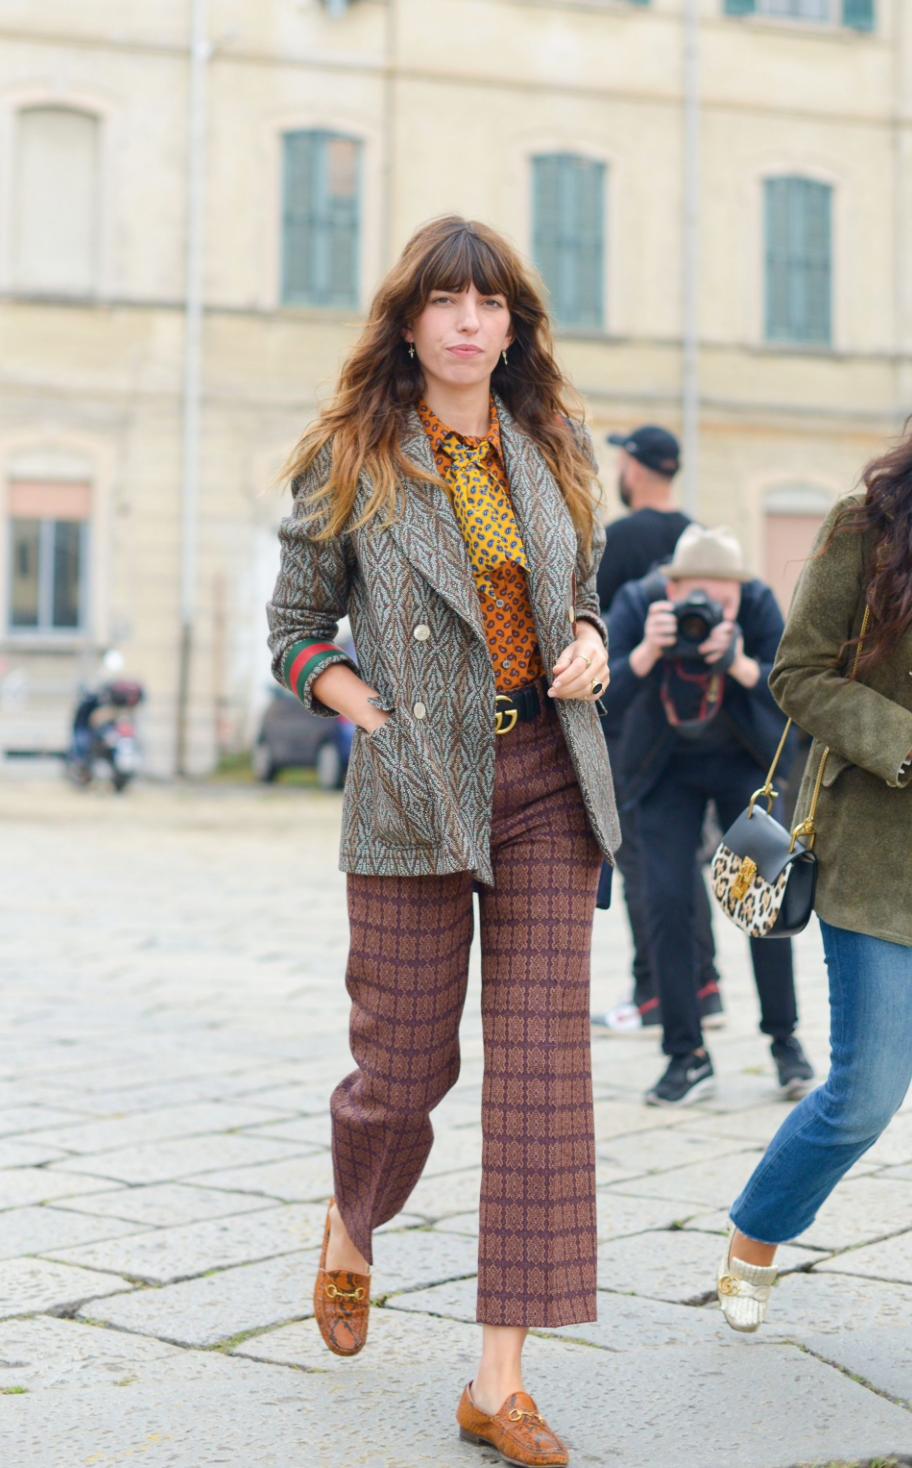 SOURCE:  http://www.telegraph.co.uk/fashion/milan-fashion-week/milan-fashion-week-street-style/lou-doillon-street-style-milan-fashion-week/